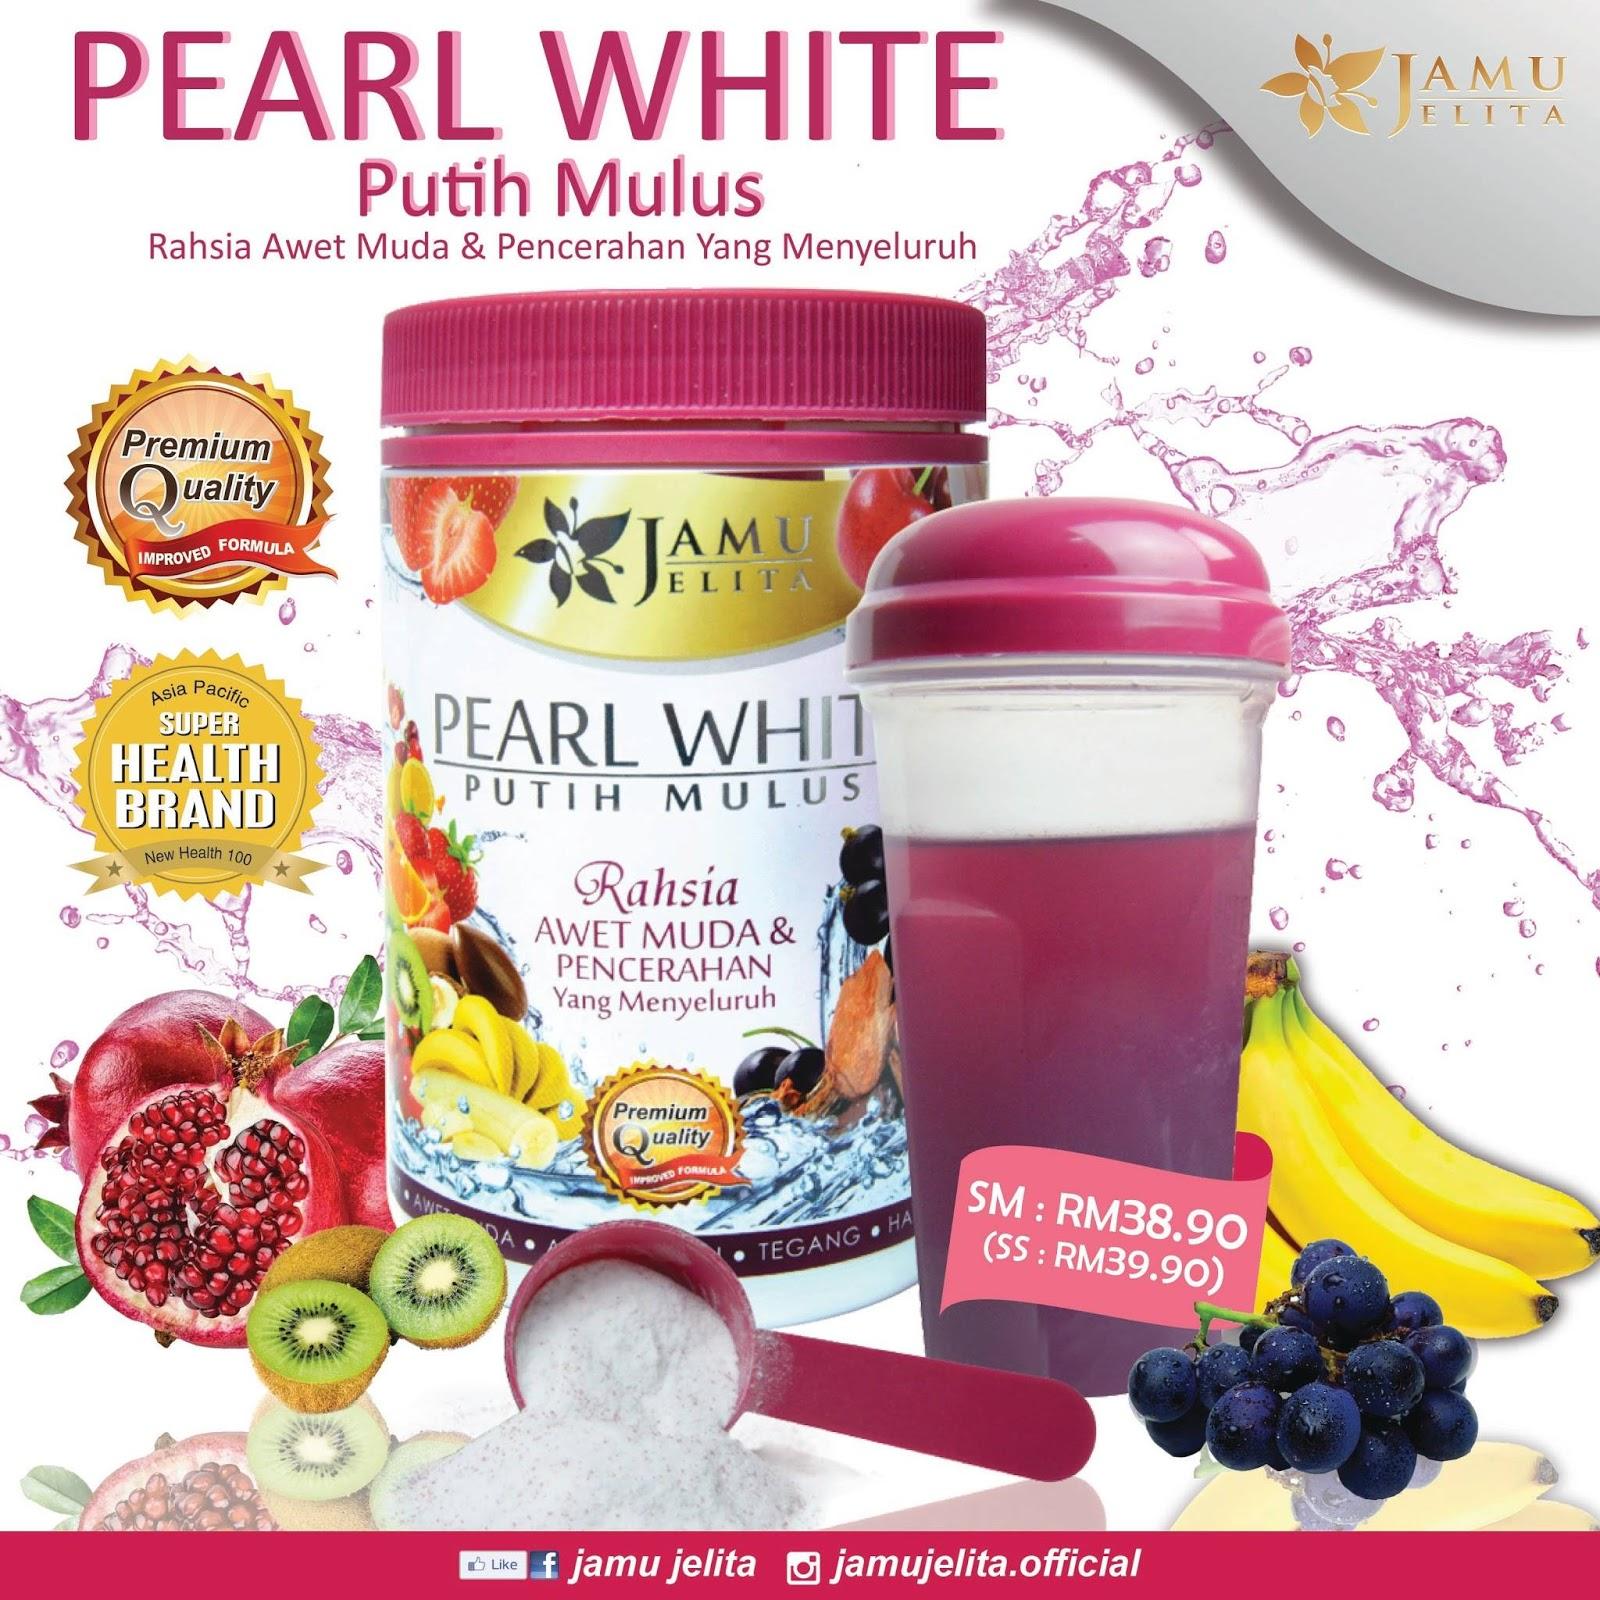 Pearl White Putih Mulus